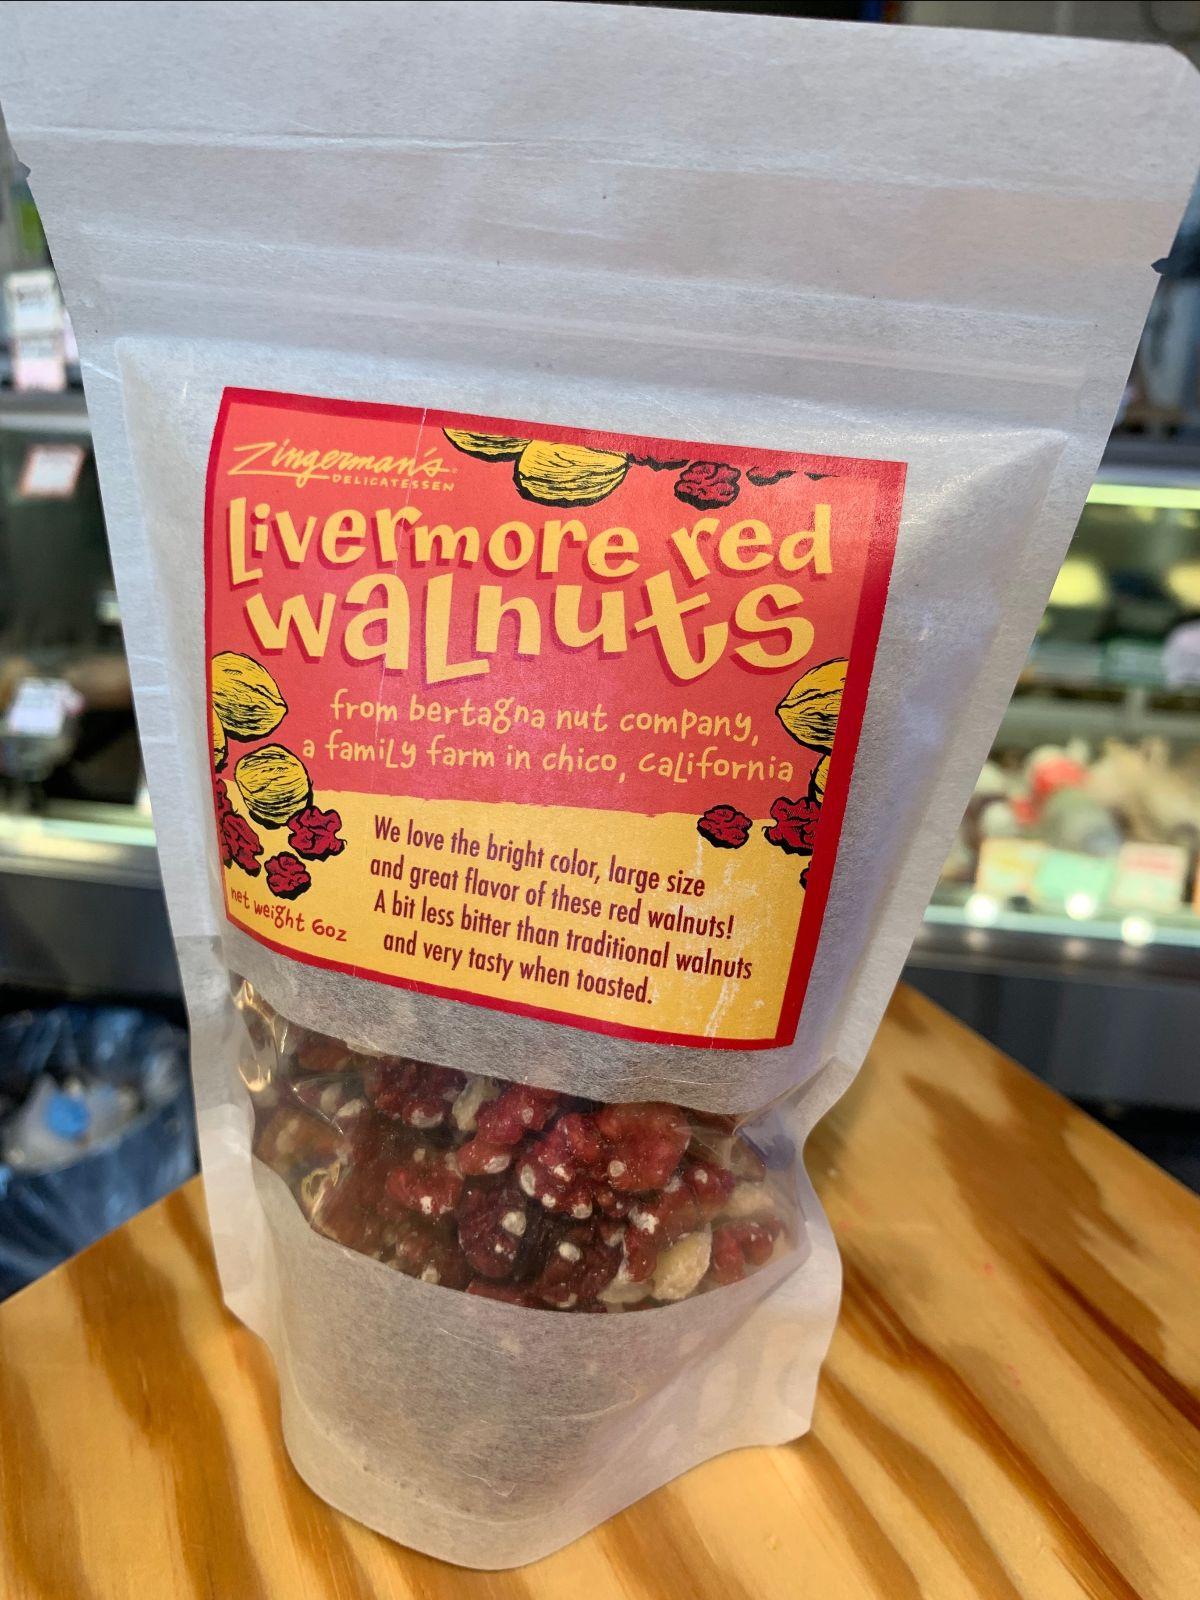 Livermore Red Walnuts at the Deli